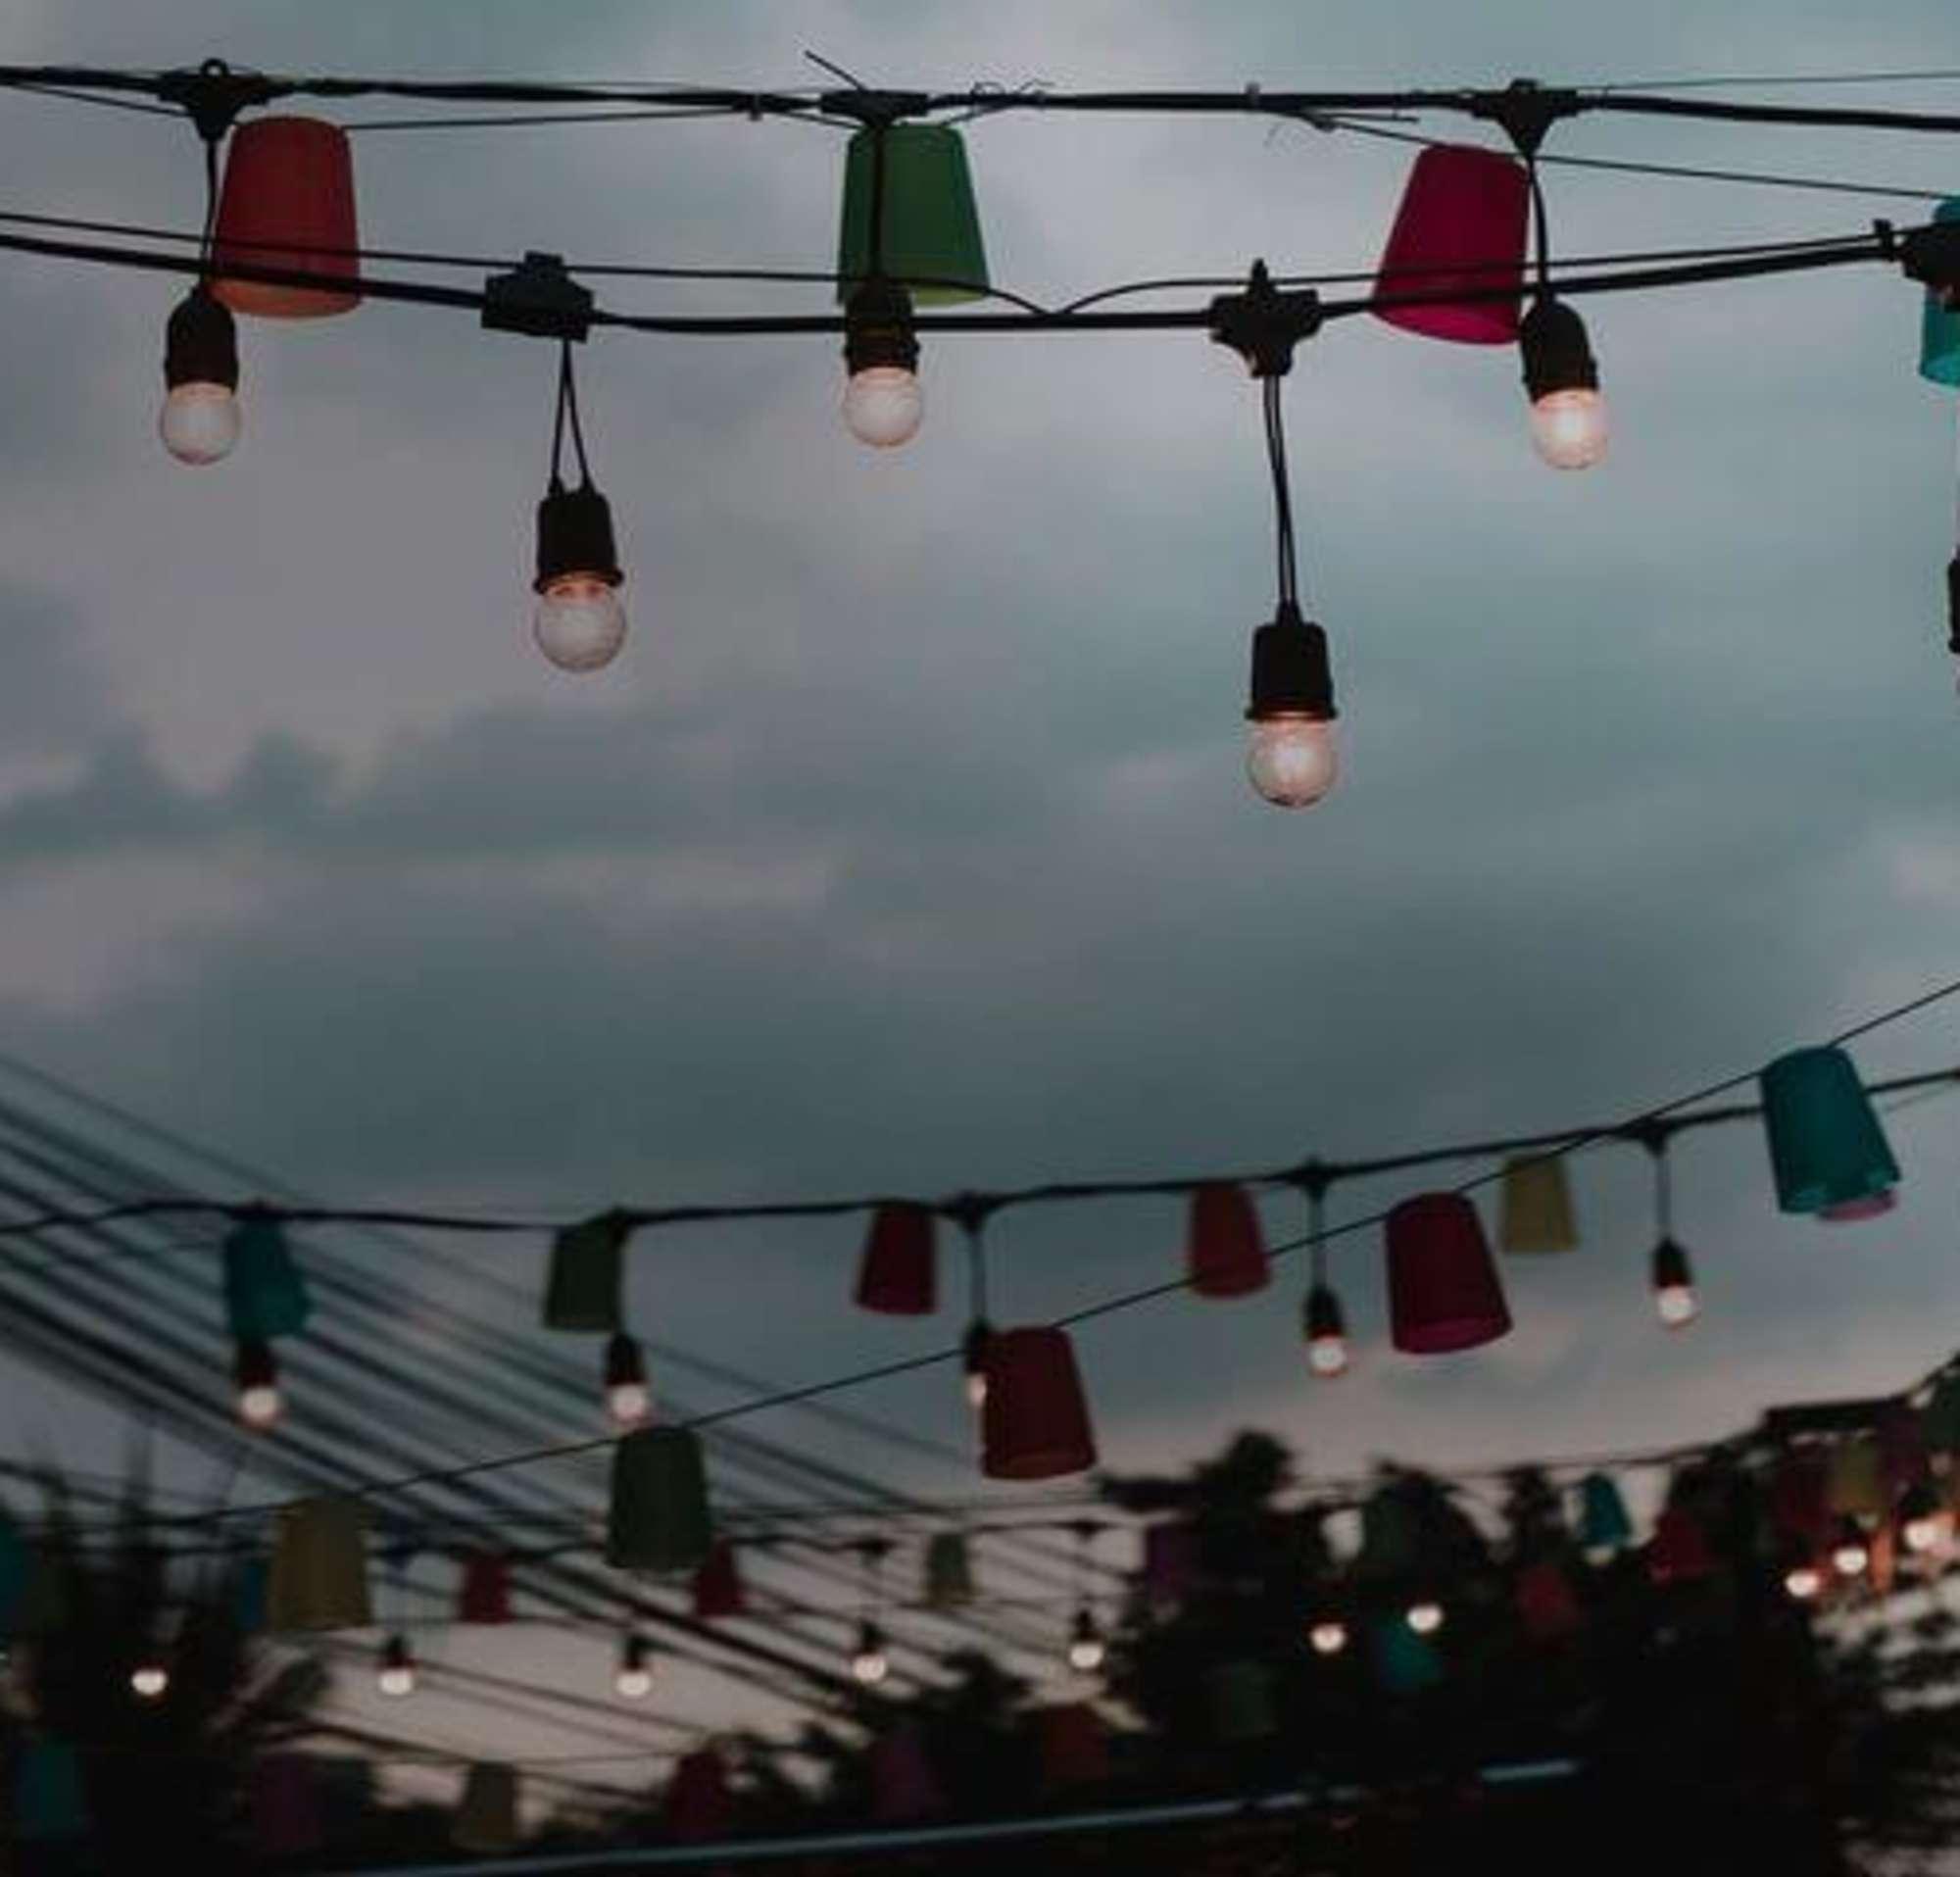 Des lumières suspendues au-dessus du patio d'un restaurant.